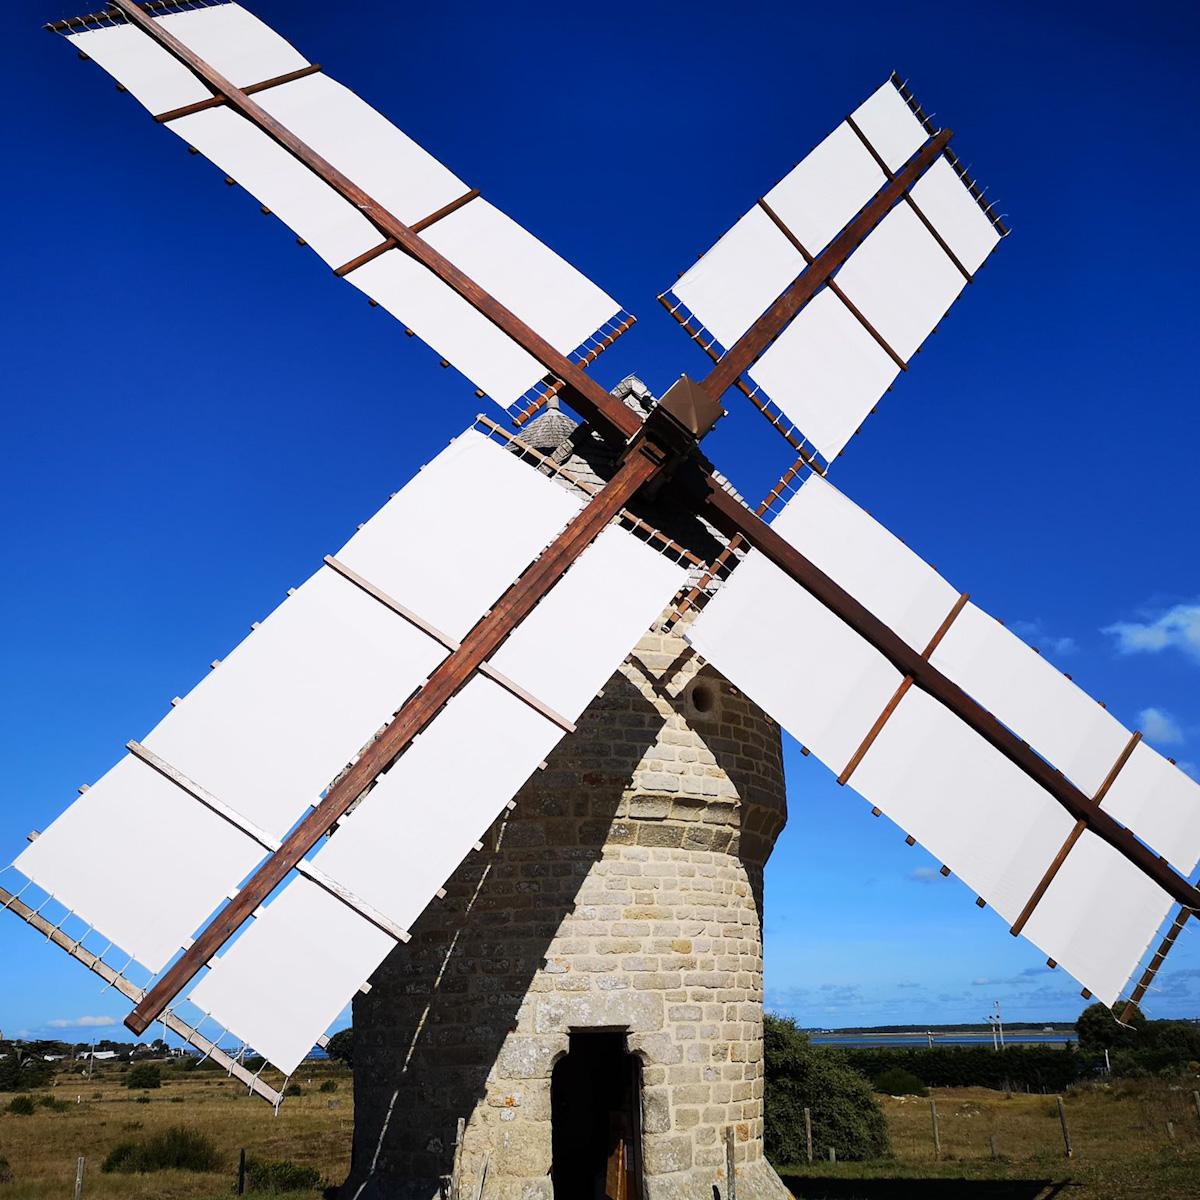 moulin-de-la-falaise-16225-16236